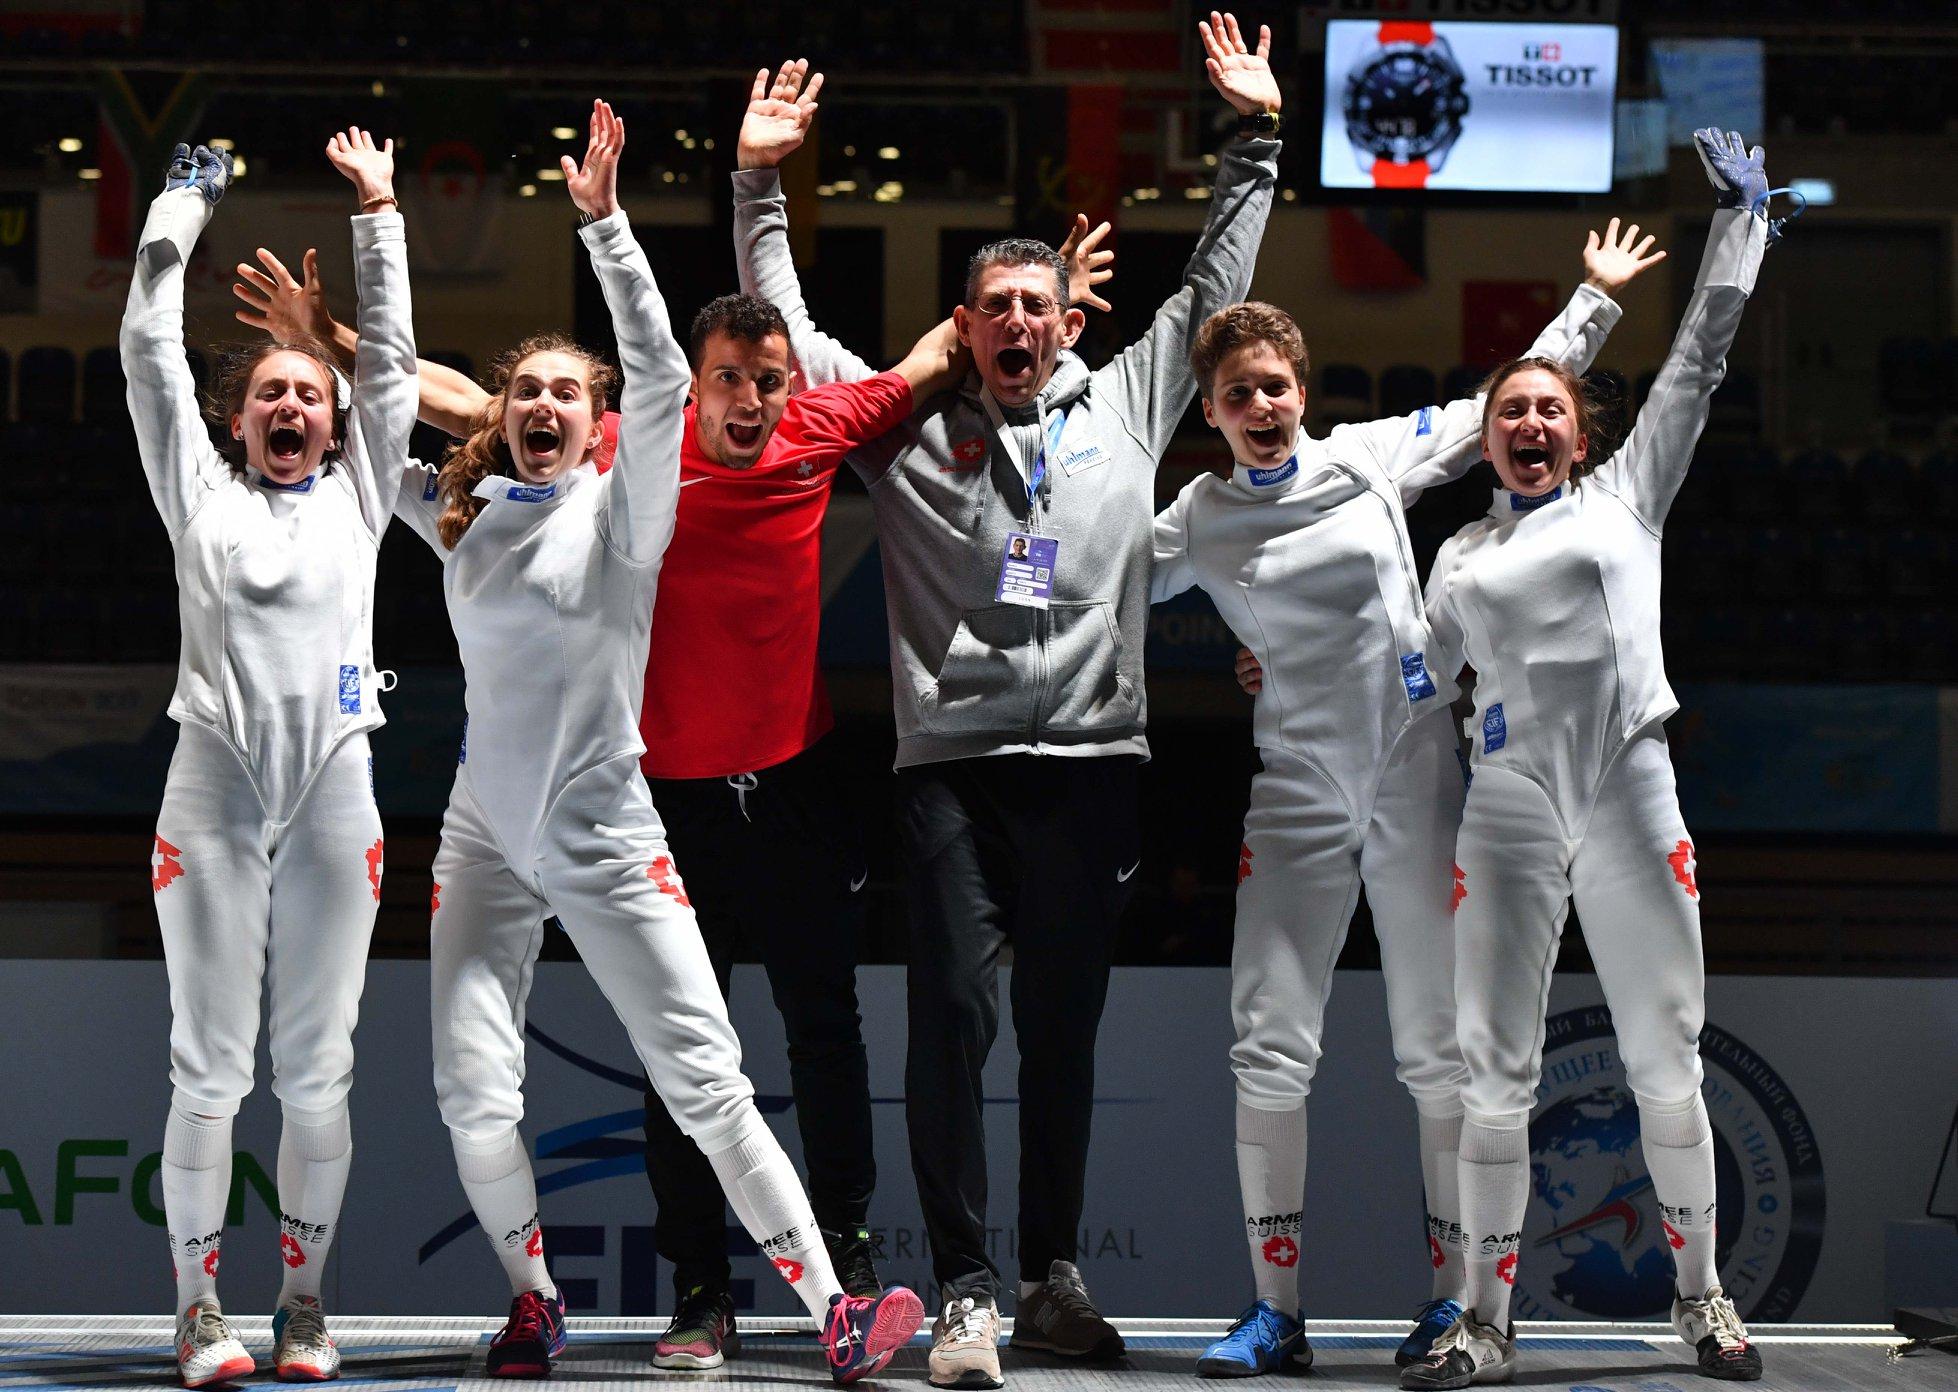 Freude herrscht beim Damenteam und seinen Trainern. (All pictures © Augusto Bizzi / Swiss Fencing – Eva Pavia / Bizzi Team / Swiss Fencing)